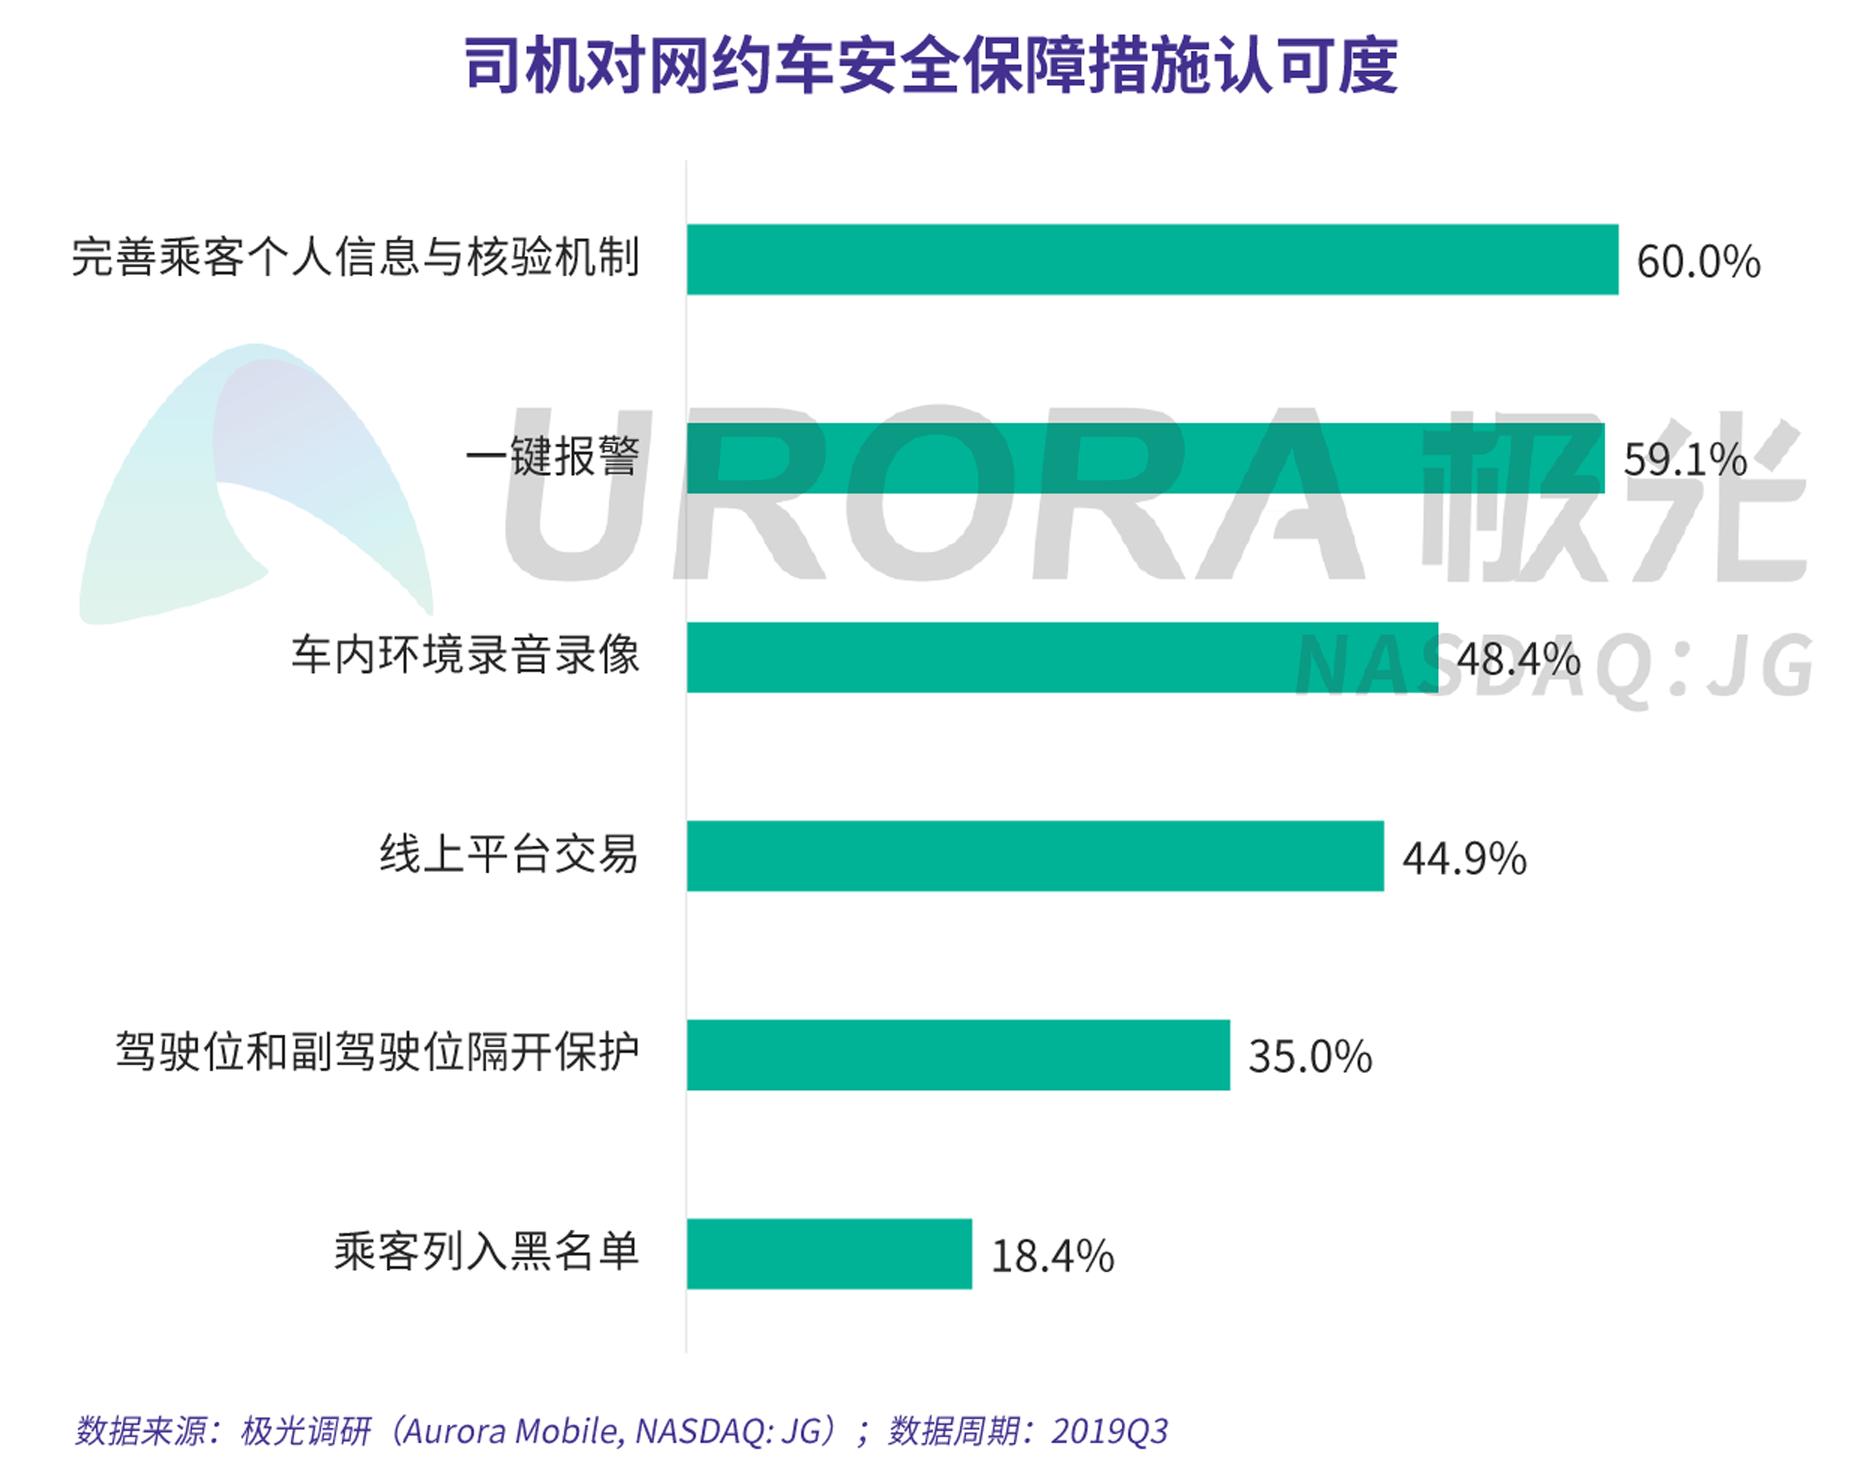 JIGUANG-网约车出行安全用户信心研究-新版-V4-24.png